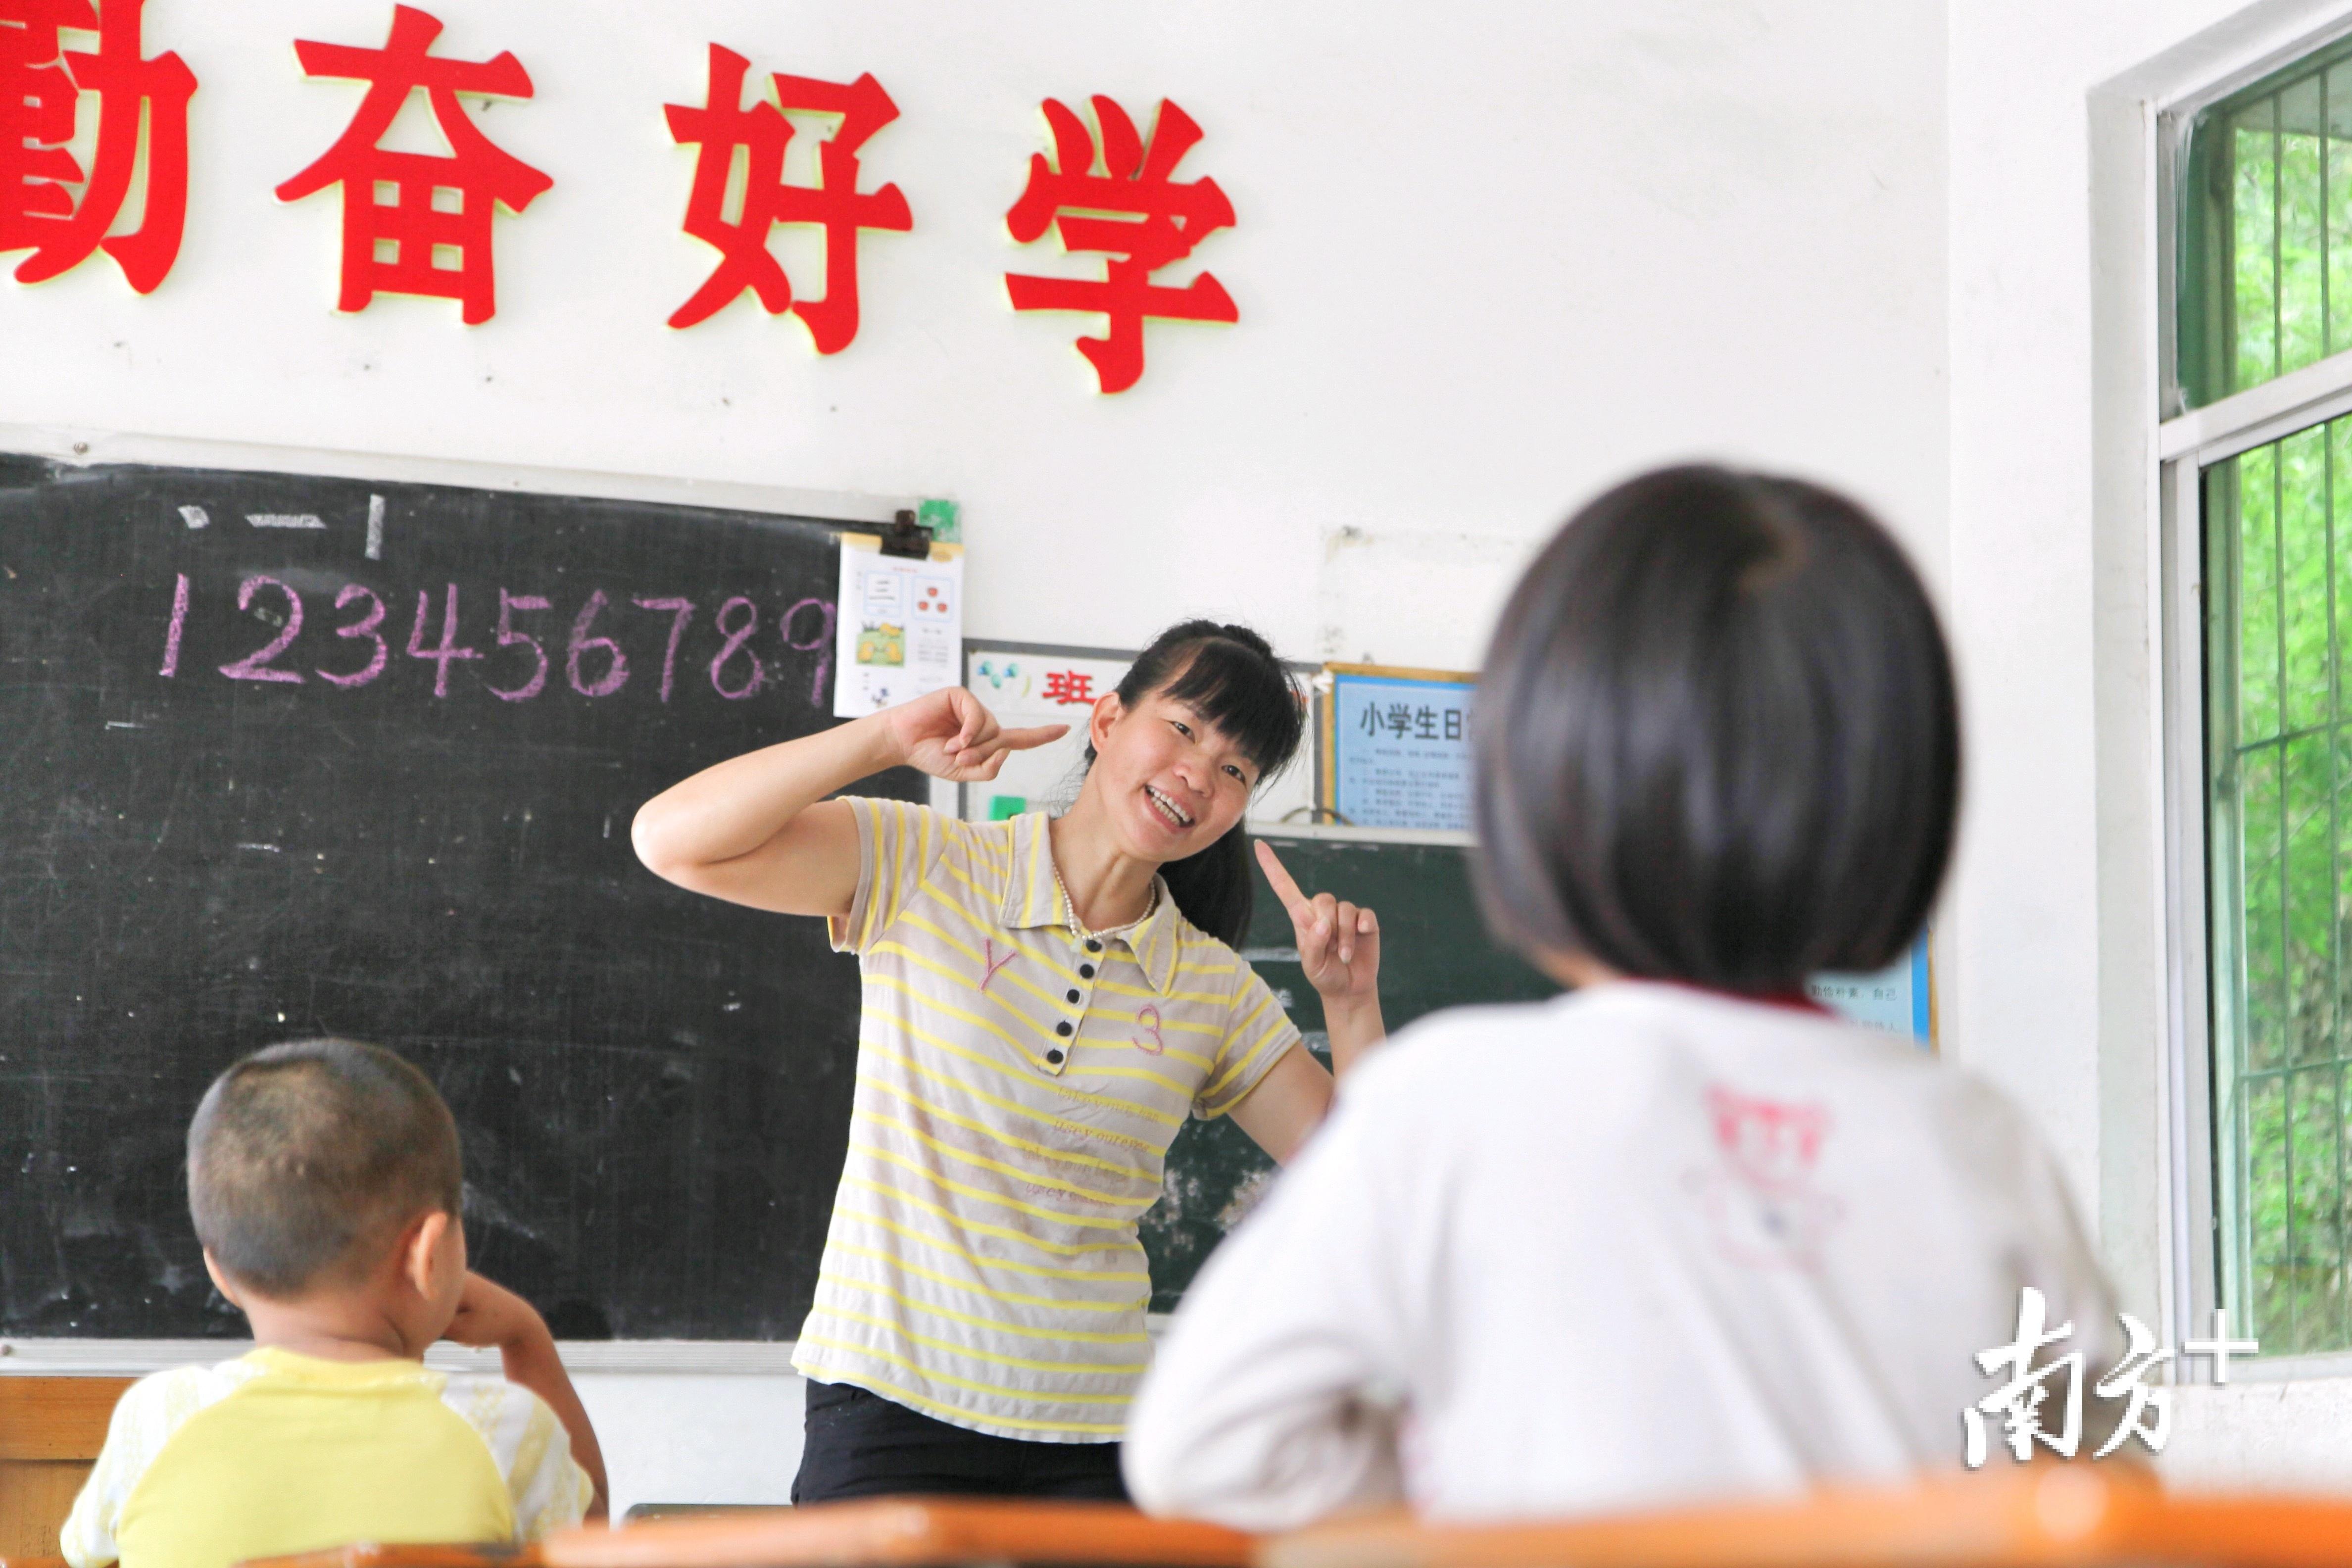 乡村教师将迎利好!清远还提出这些乡村教育新思路